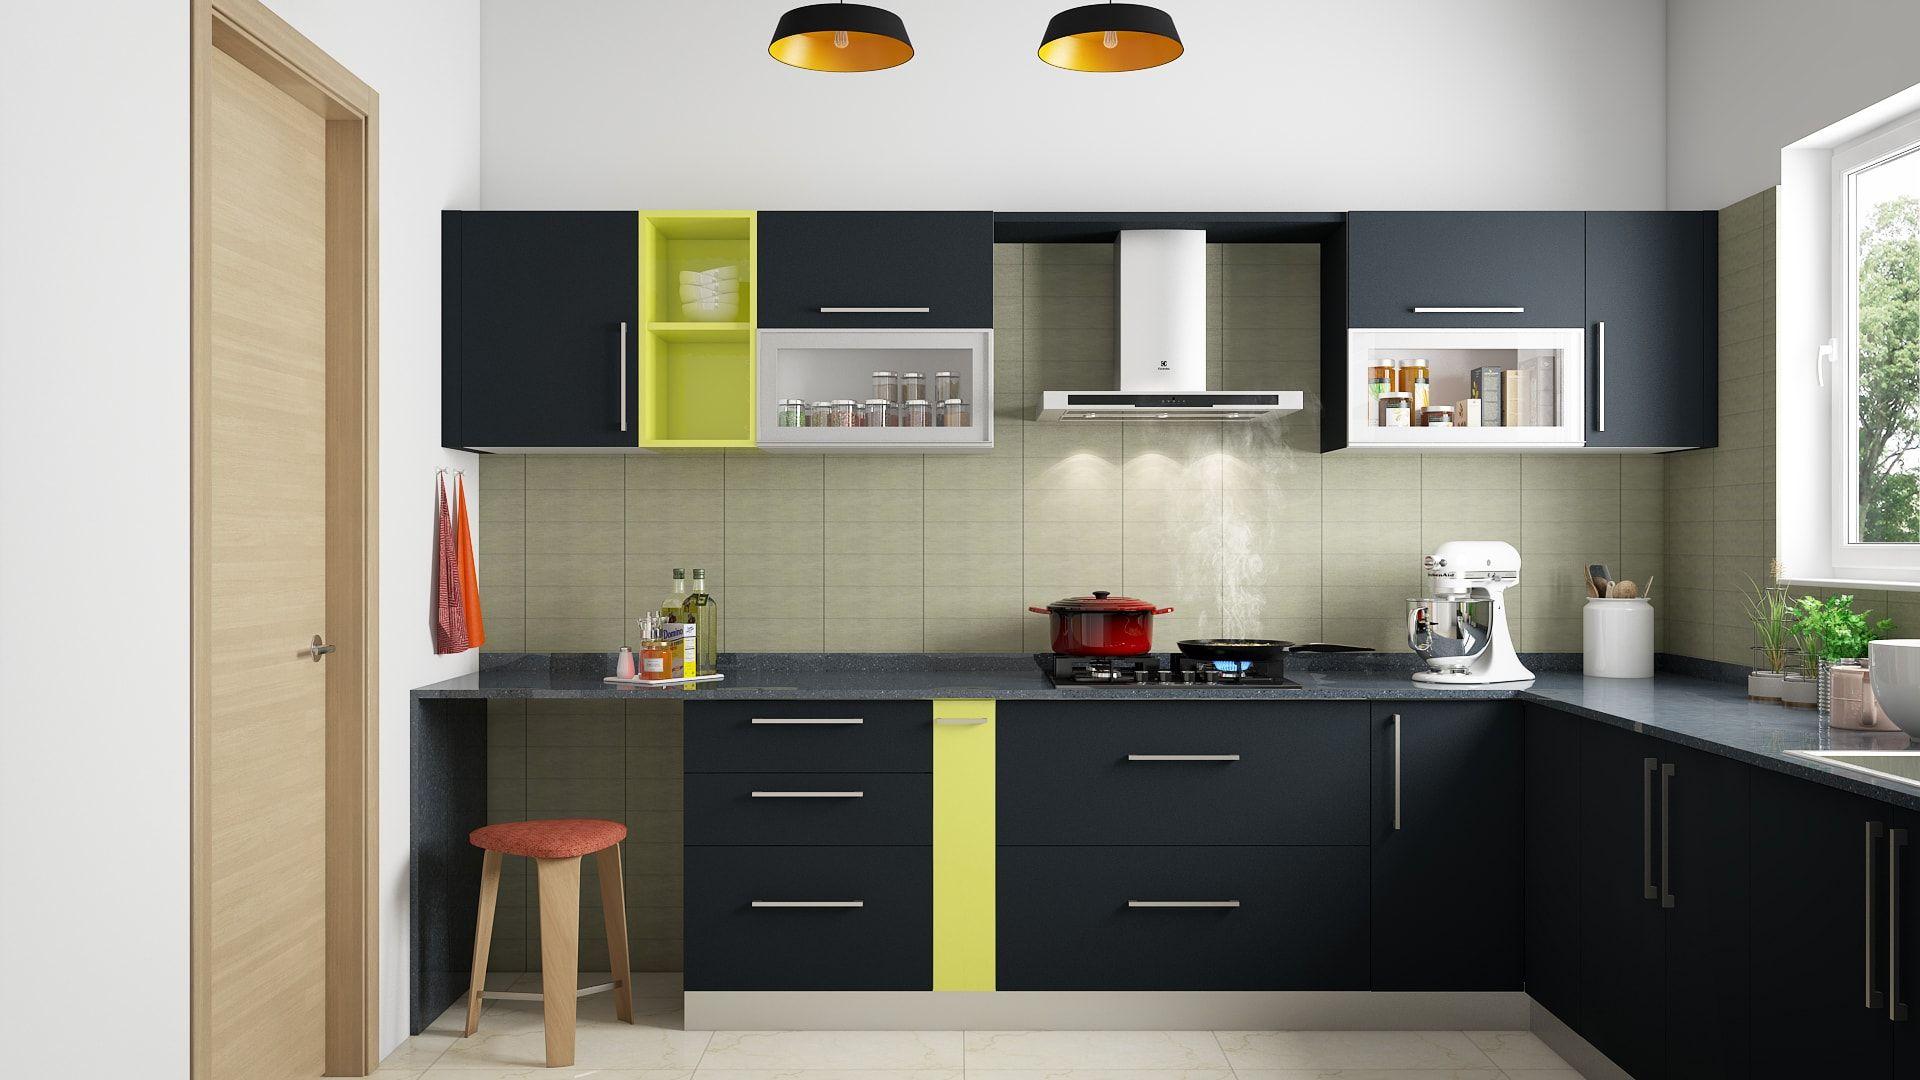 Modern Modular Kitchens   Modular kitchen design, Kitchen design ...